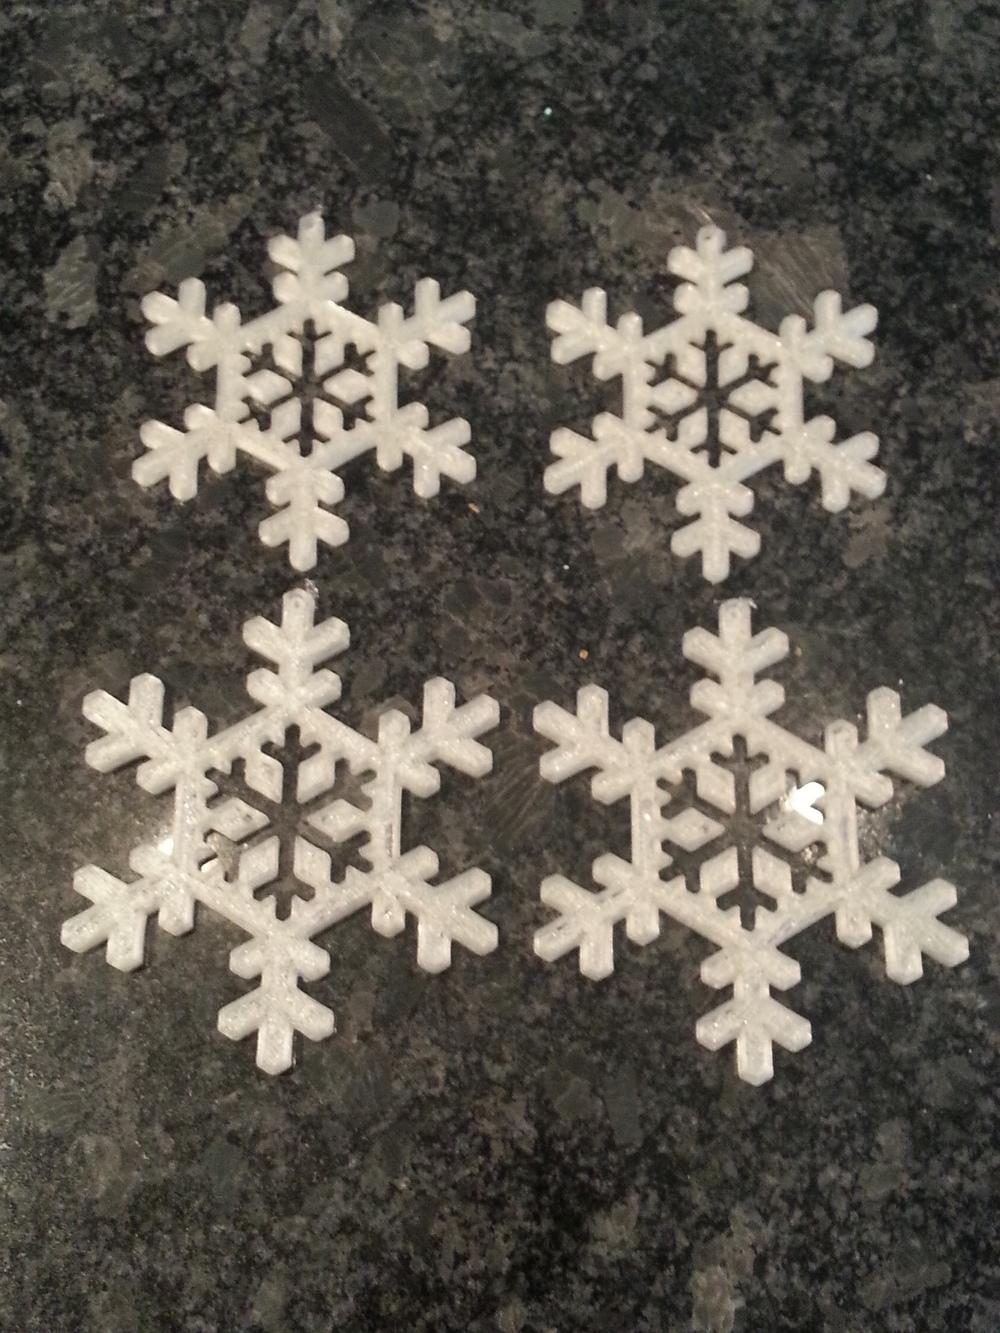 Shadowflake/Snowflake